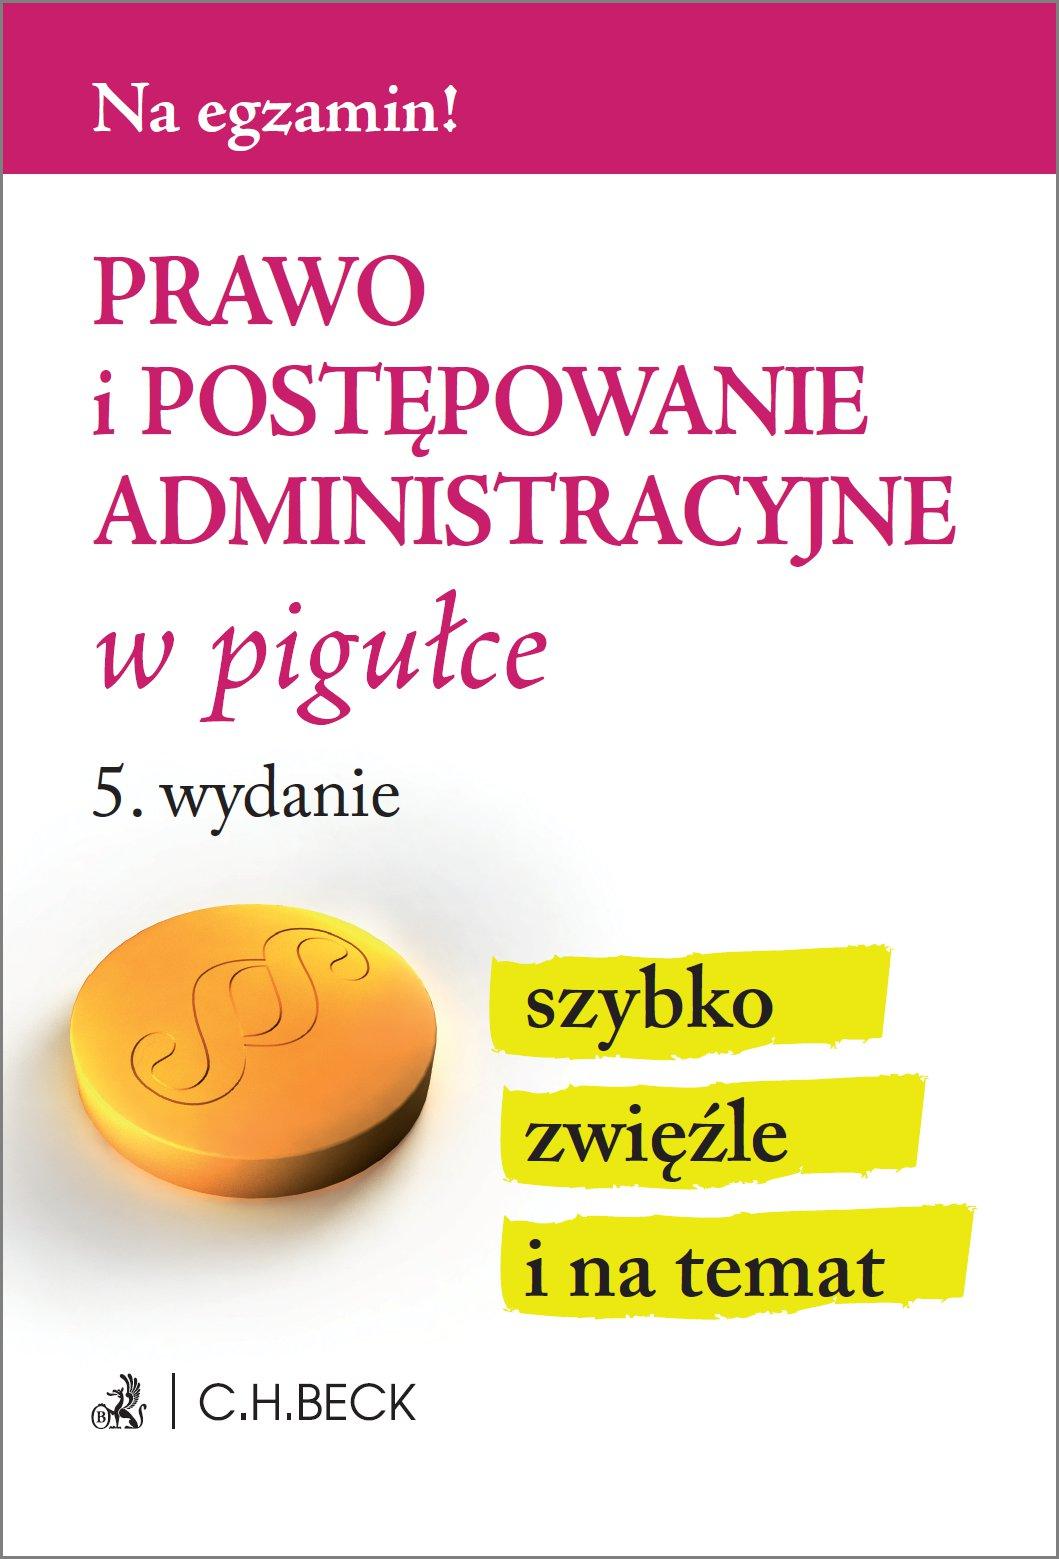 Prawo i postępowanie administracyjne w pigułce. Wydanie 5 - Ebook (Książka PDF) do pobrania w formacie PDF